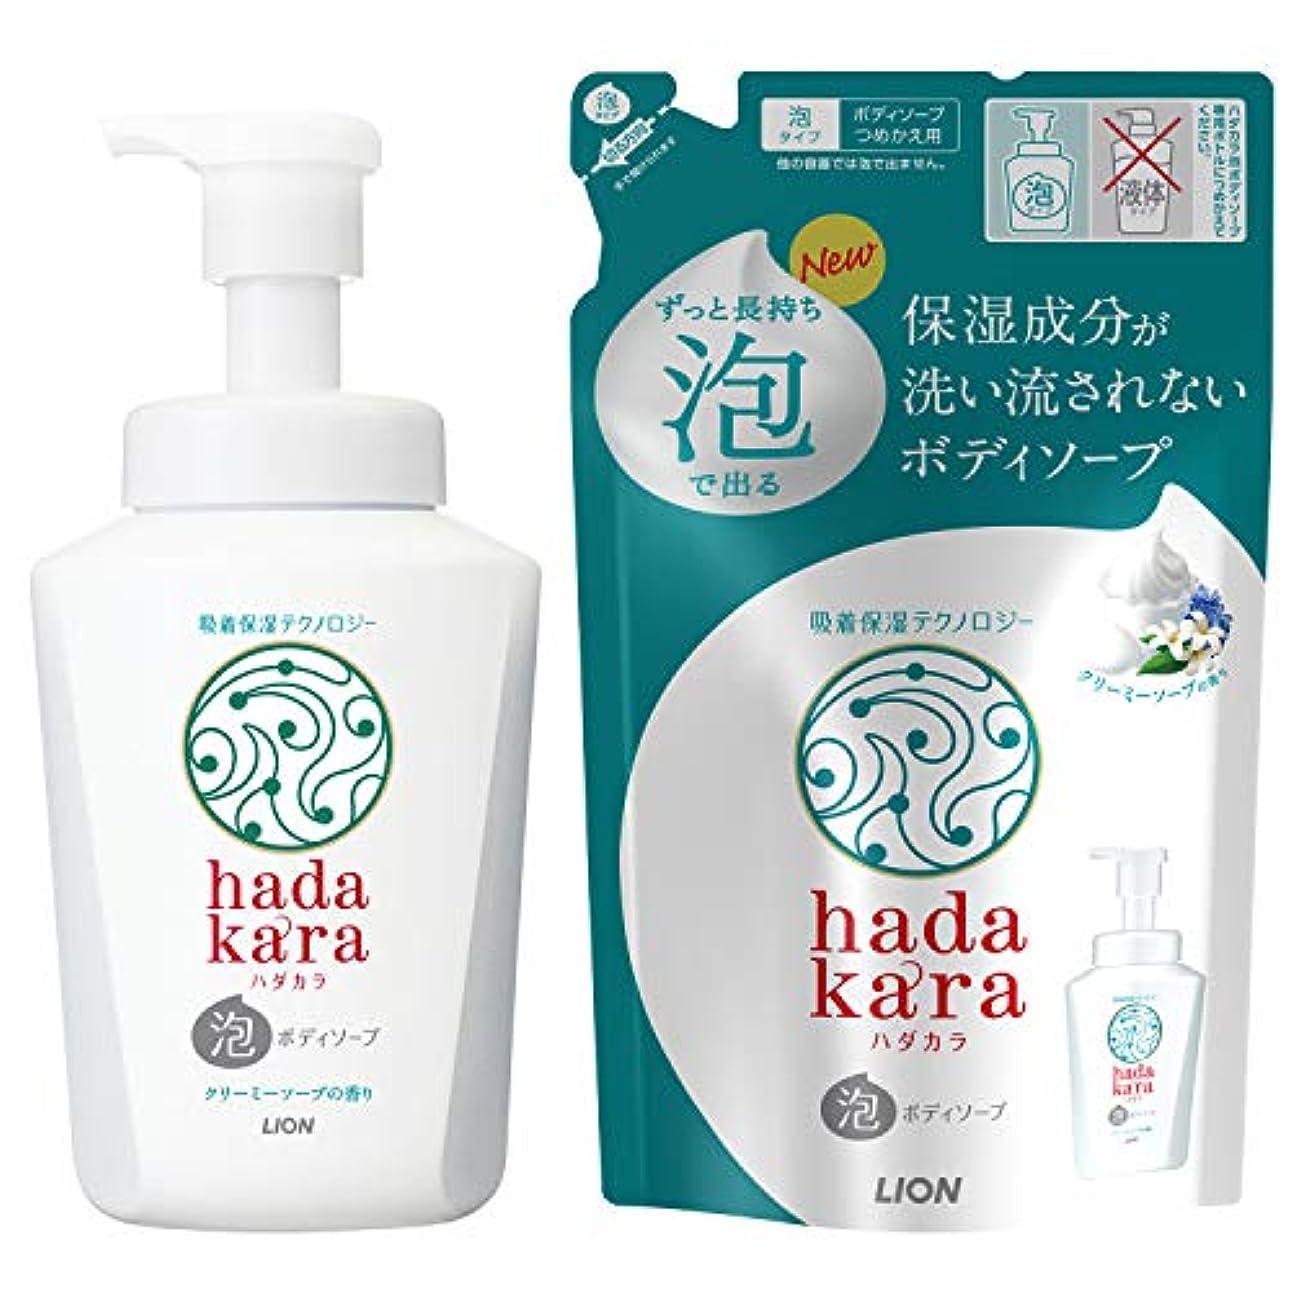 次協会アシストhadakara(ハダカラ) ボディソープ 泡タイプ クリーミーソープの香り 本体550ml+詰替440ml 1